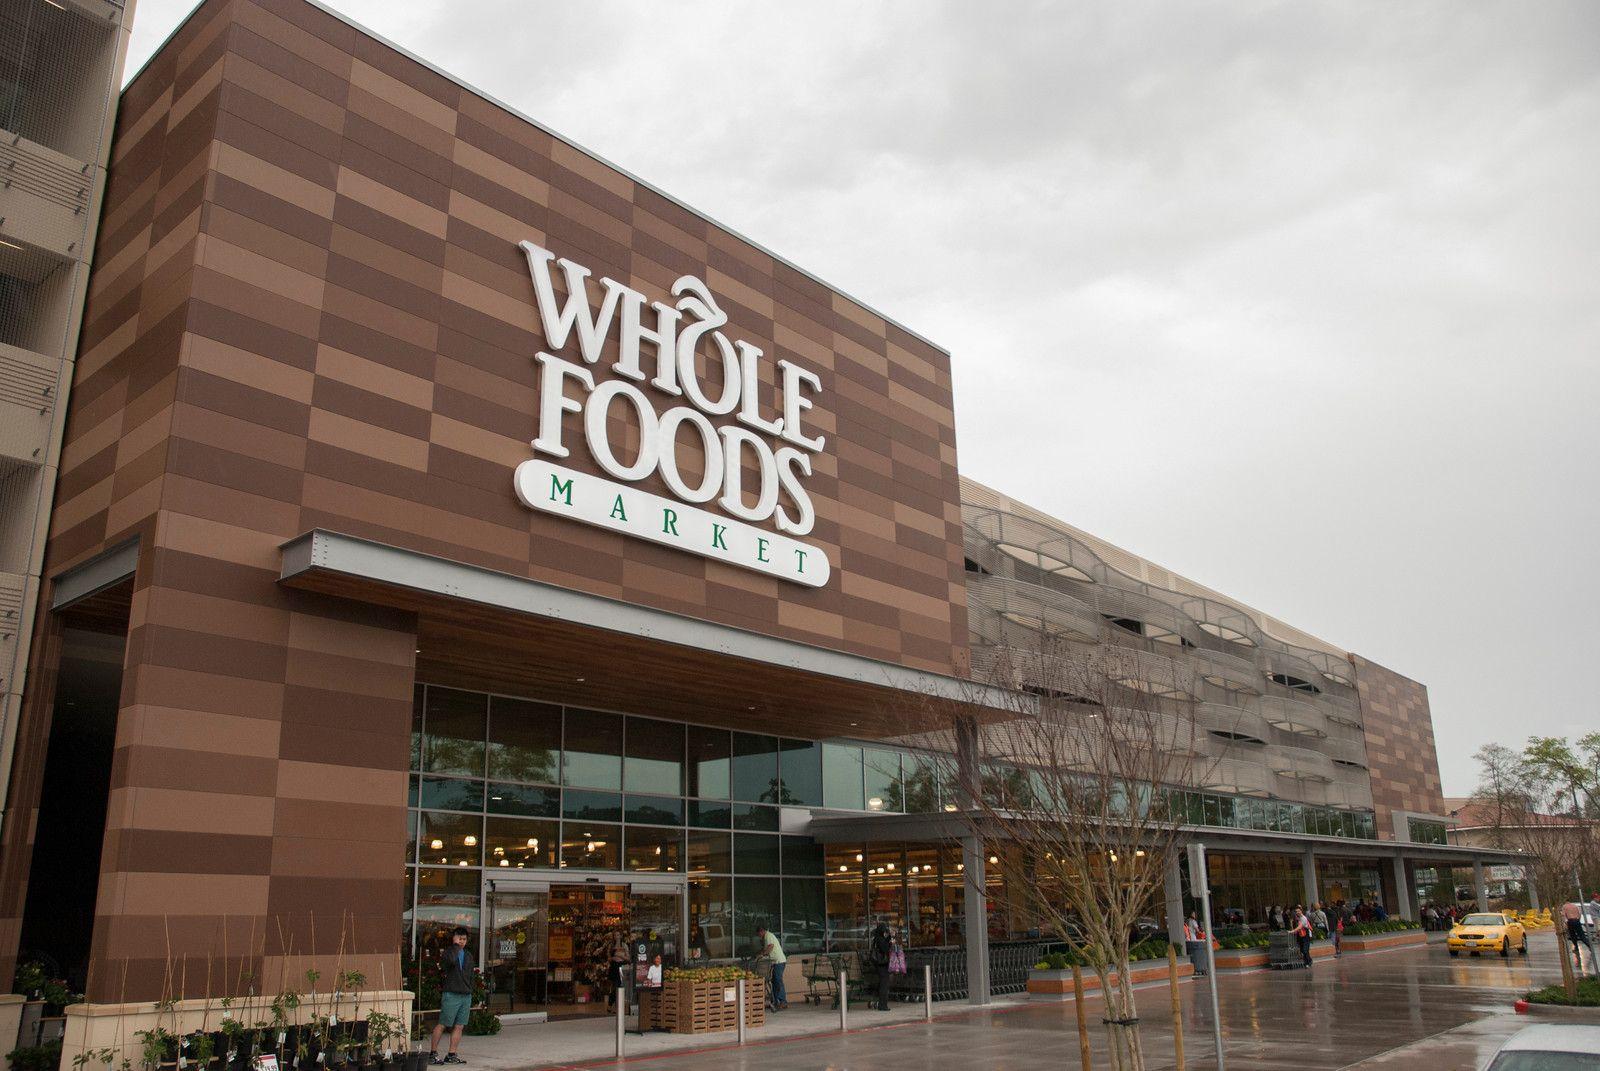 Photo of Whole Foods Market Houston, TX, United States